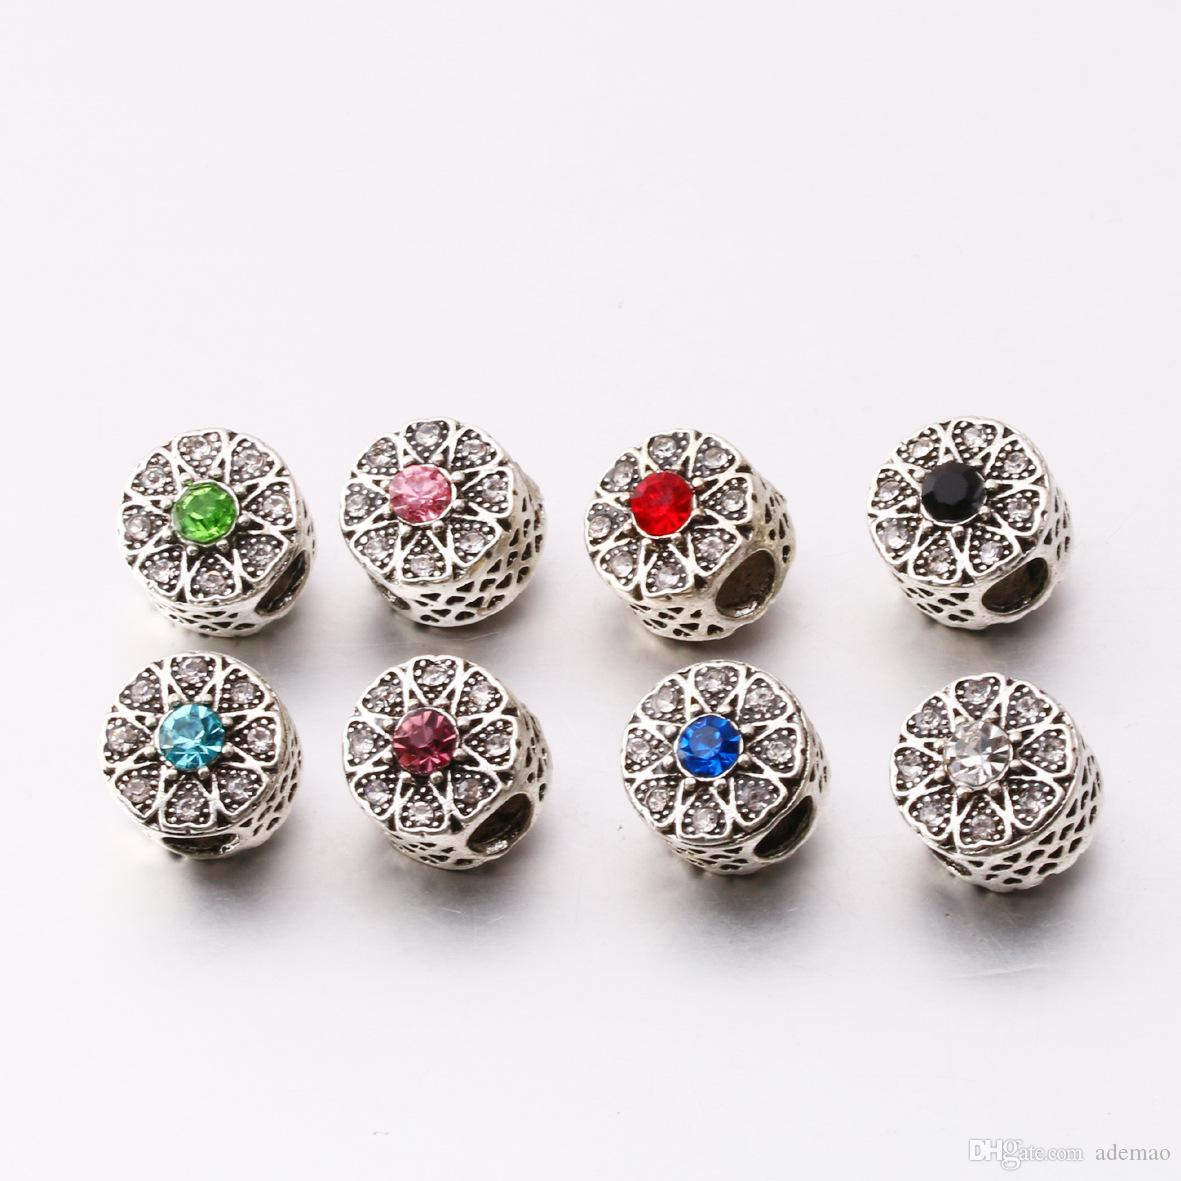 2017 Die neue Hohle schnecke perlen DIY zubehör neue Europäische charme perlen charms DIY für armbänder